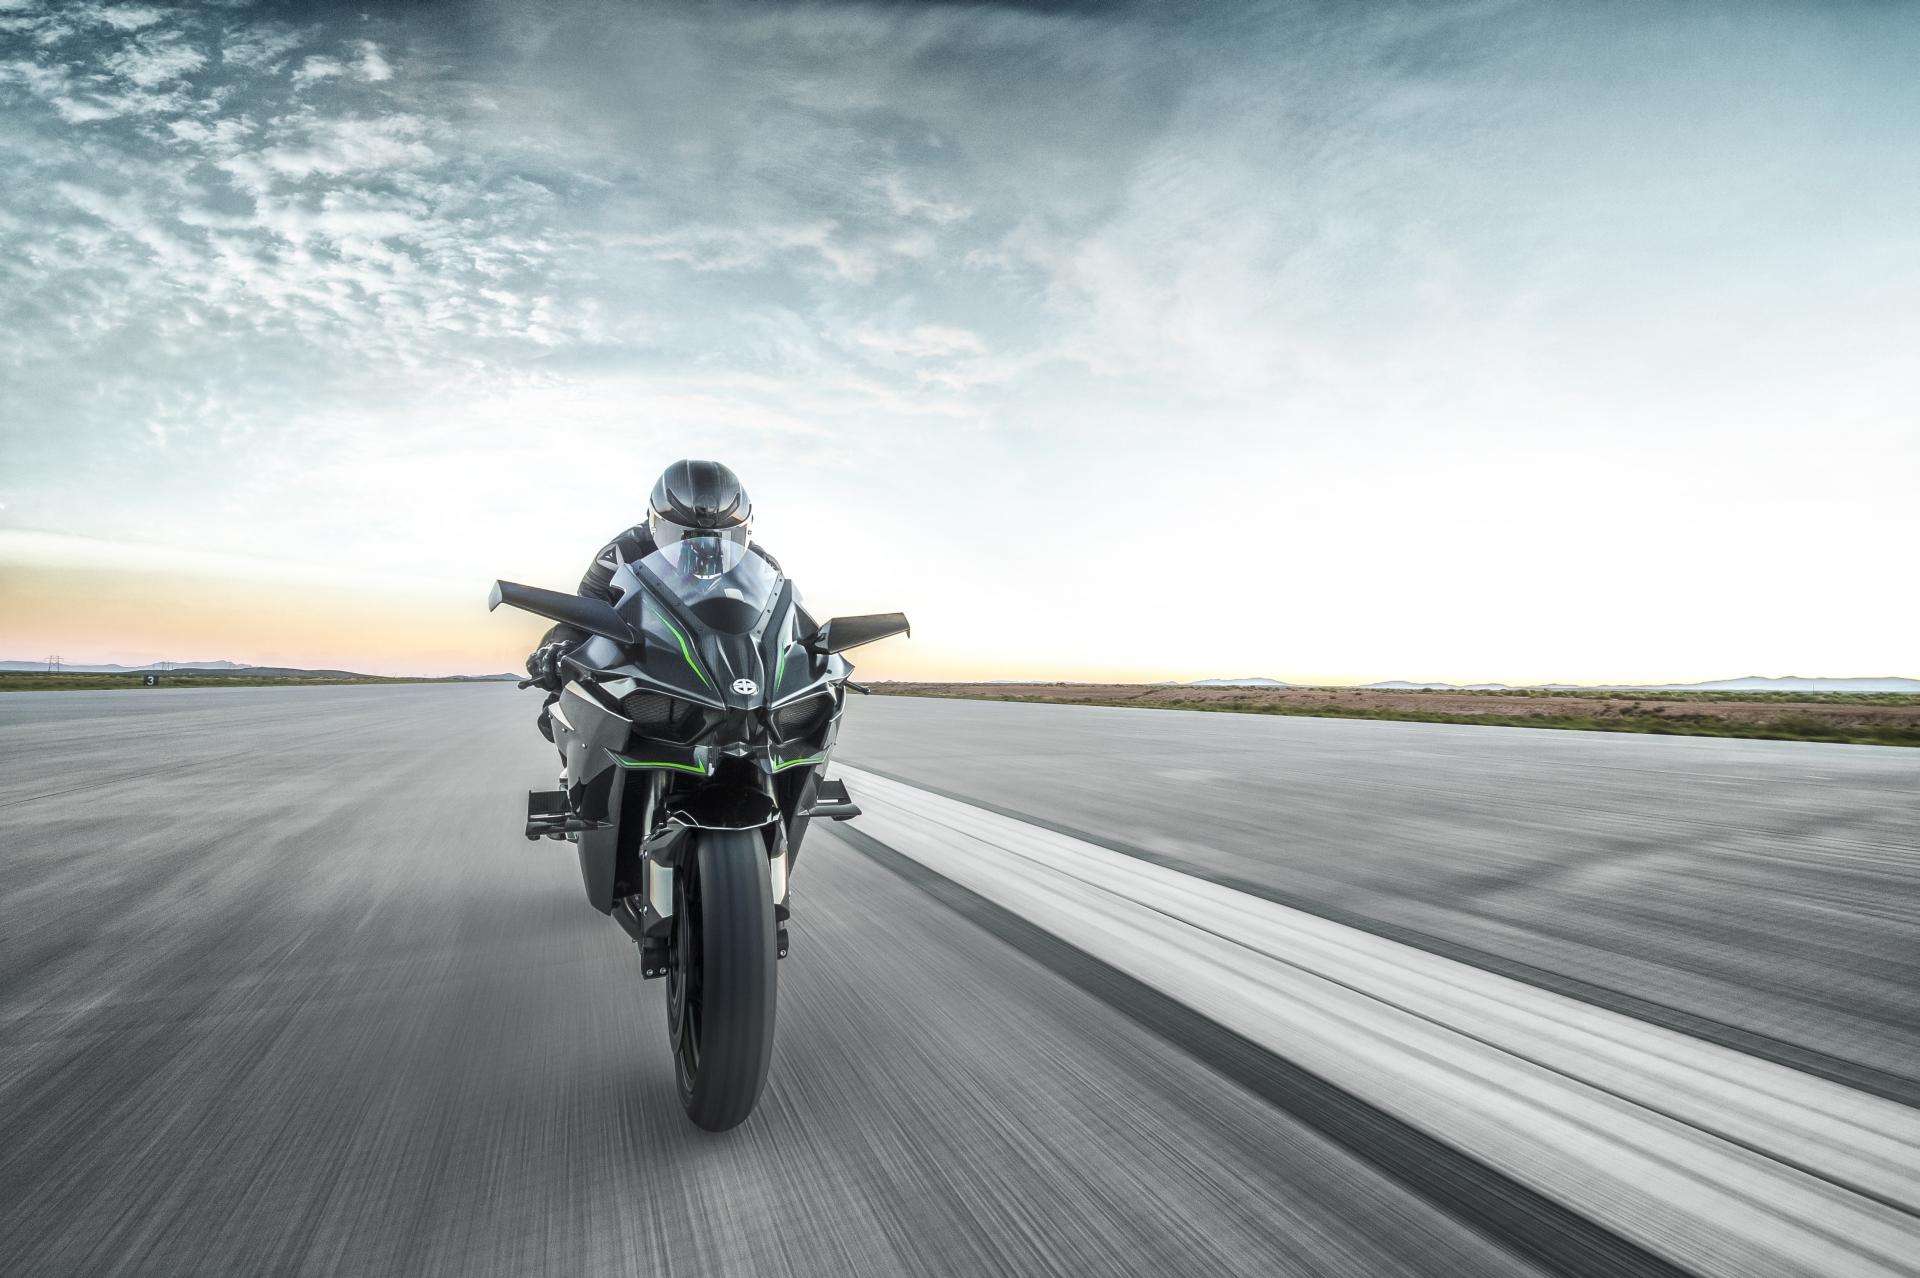 Kawasaki Ninja H2 And H2r Prices Confirmed Autoevolution